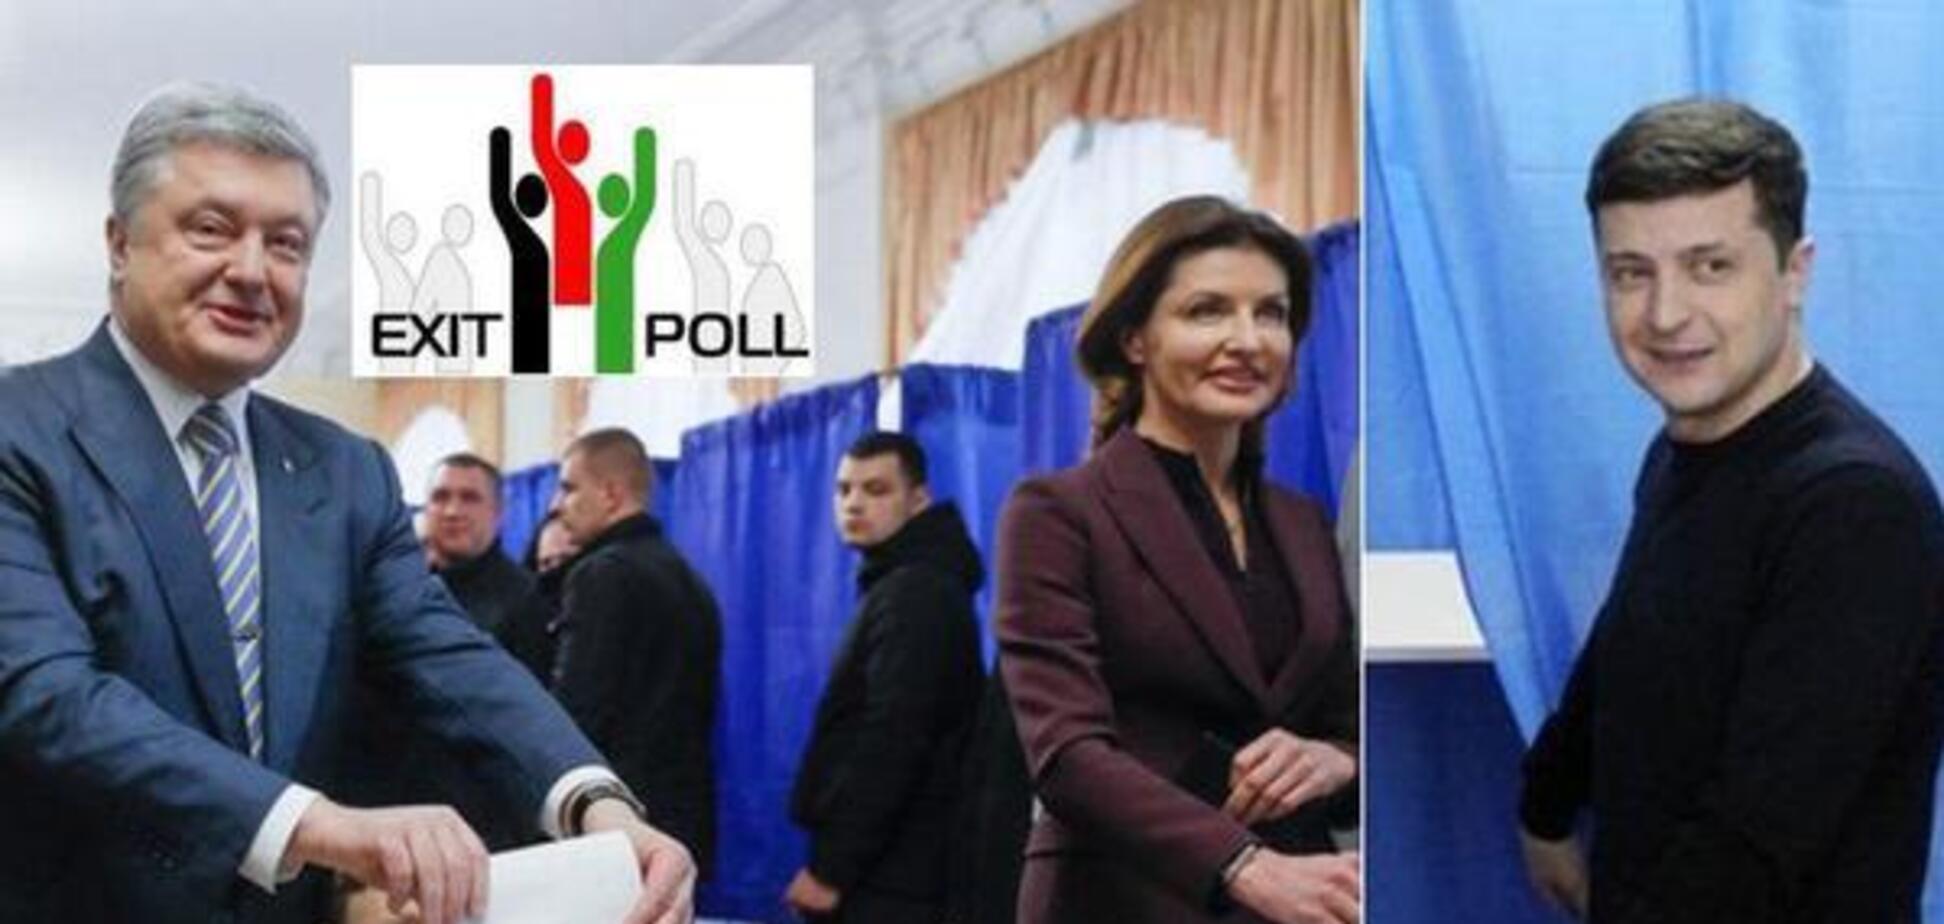 'Без шуток': на Западе разгорелся ажиотаж вокруг выборов президента Украины